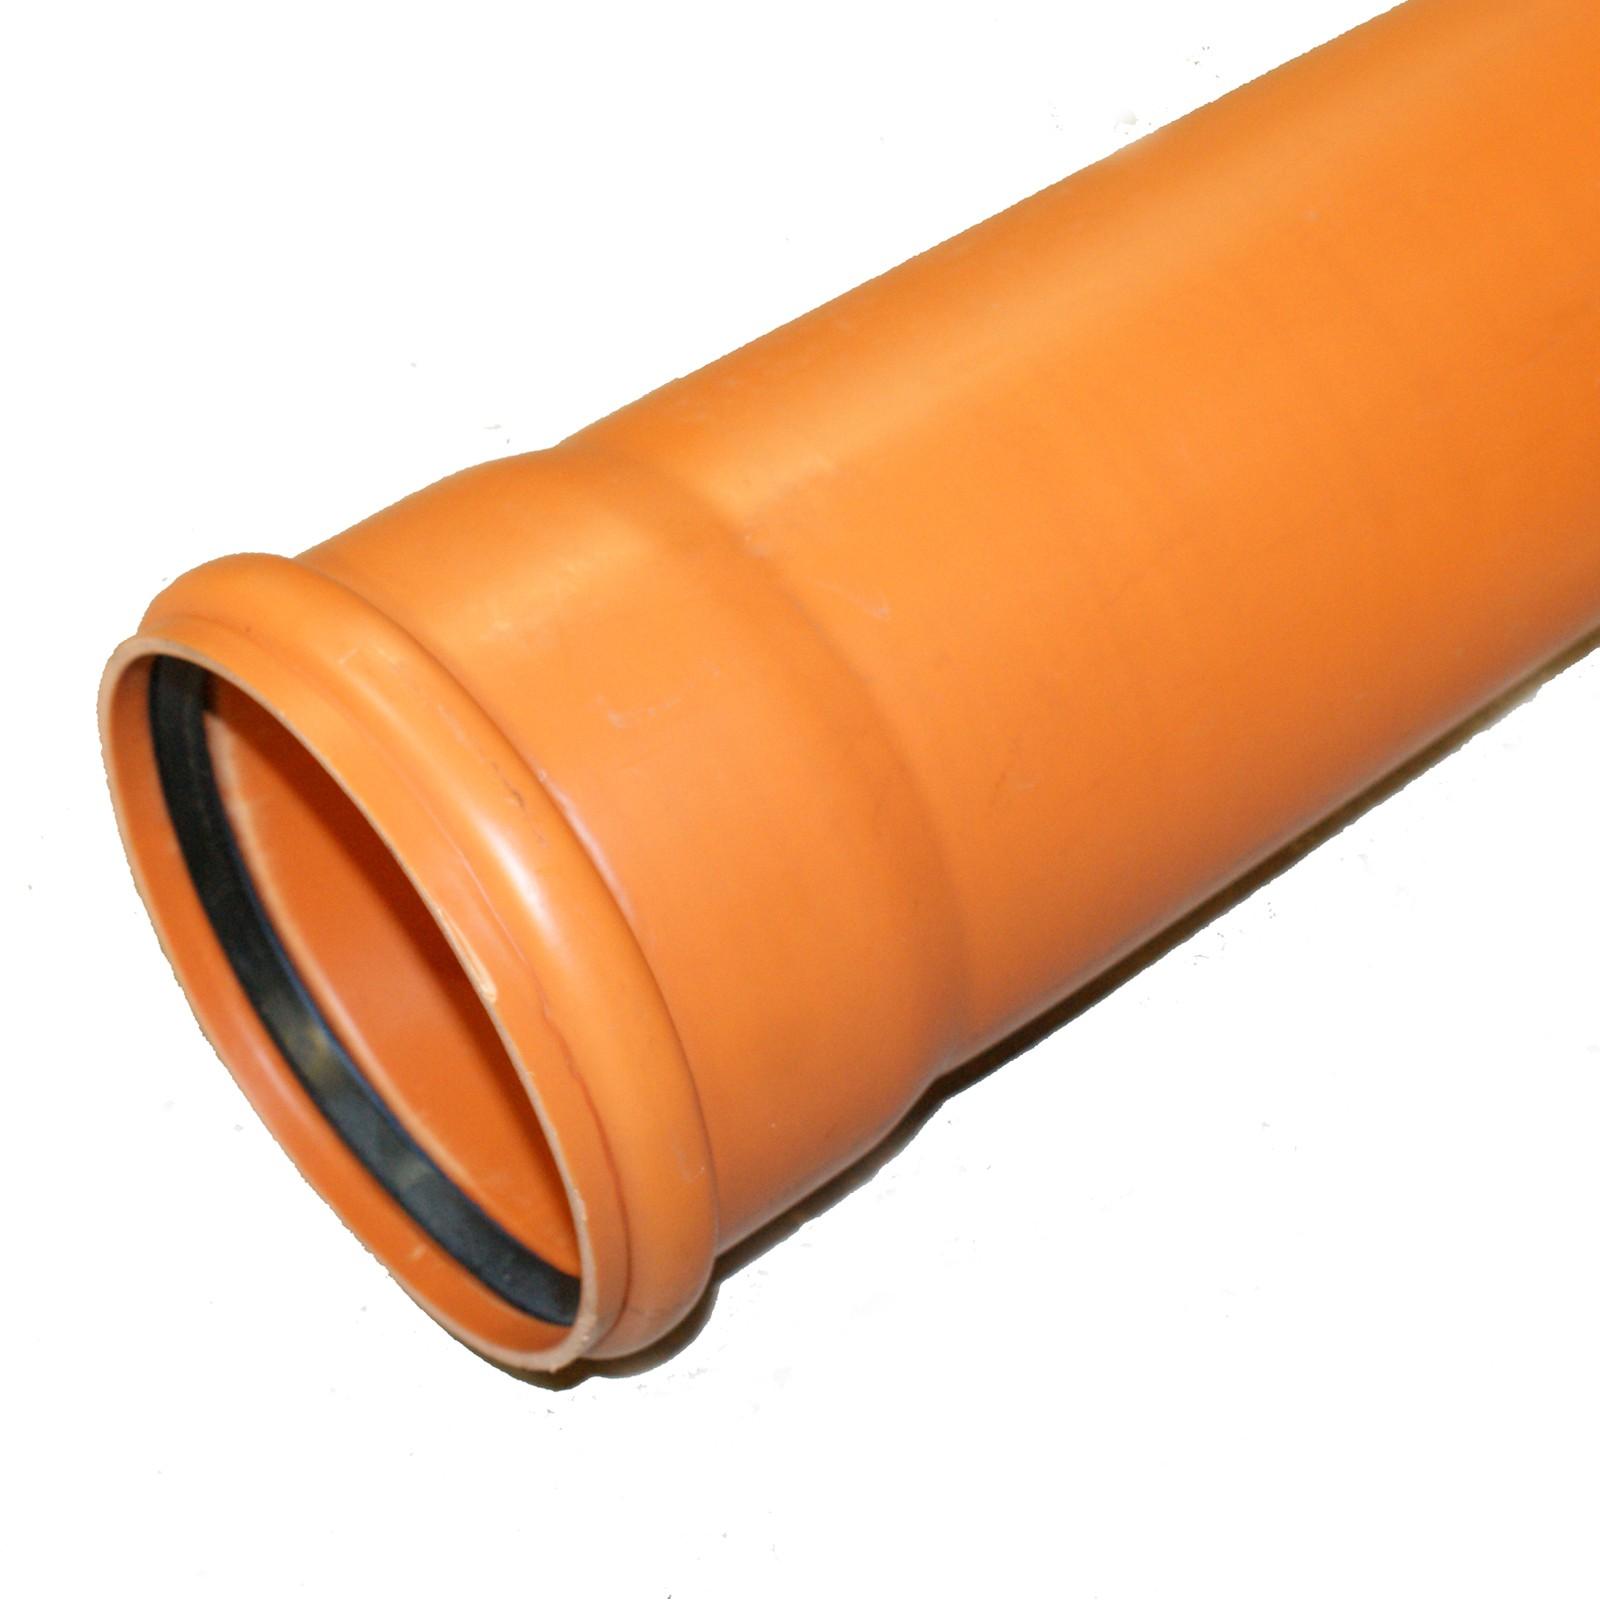 kg rohr dn110 500mm abwasserrohr 100mm kanalrohr orange. Black Bedroom Furniture Sets. Home Design Ideas